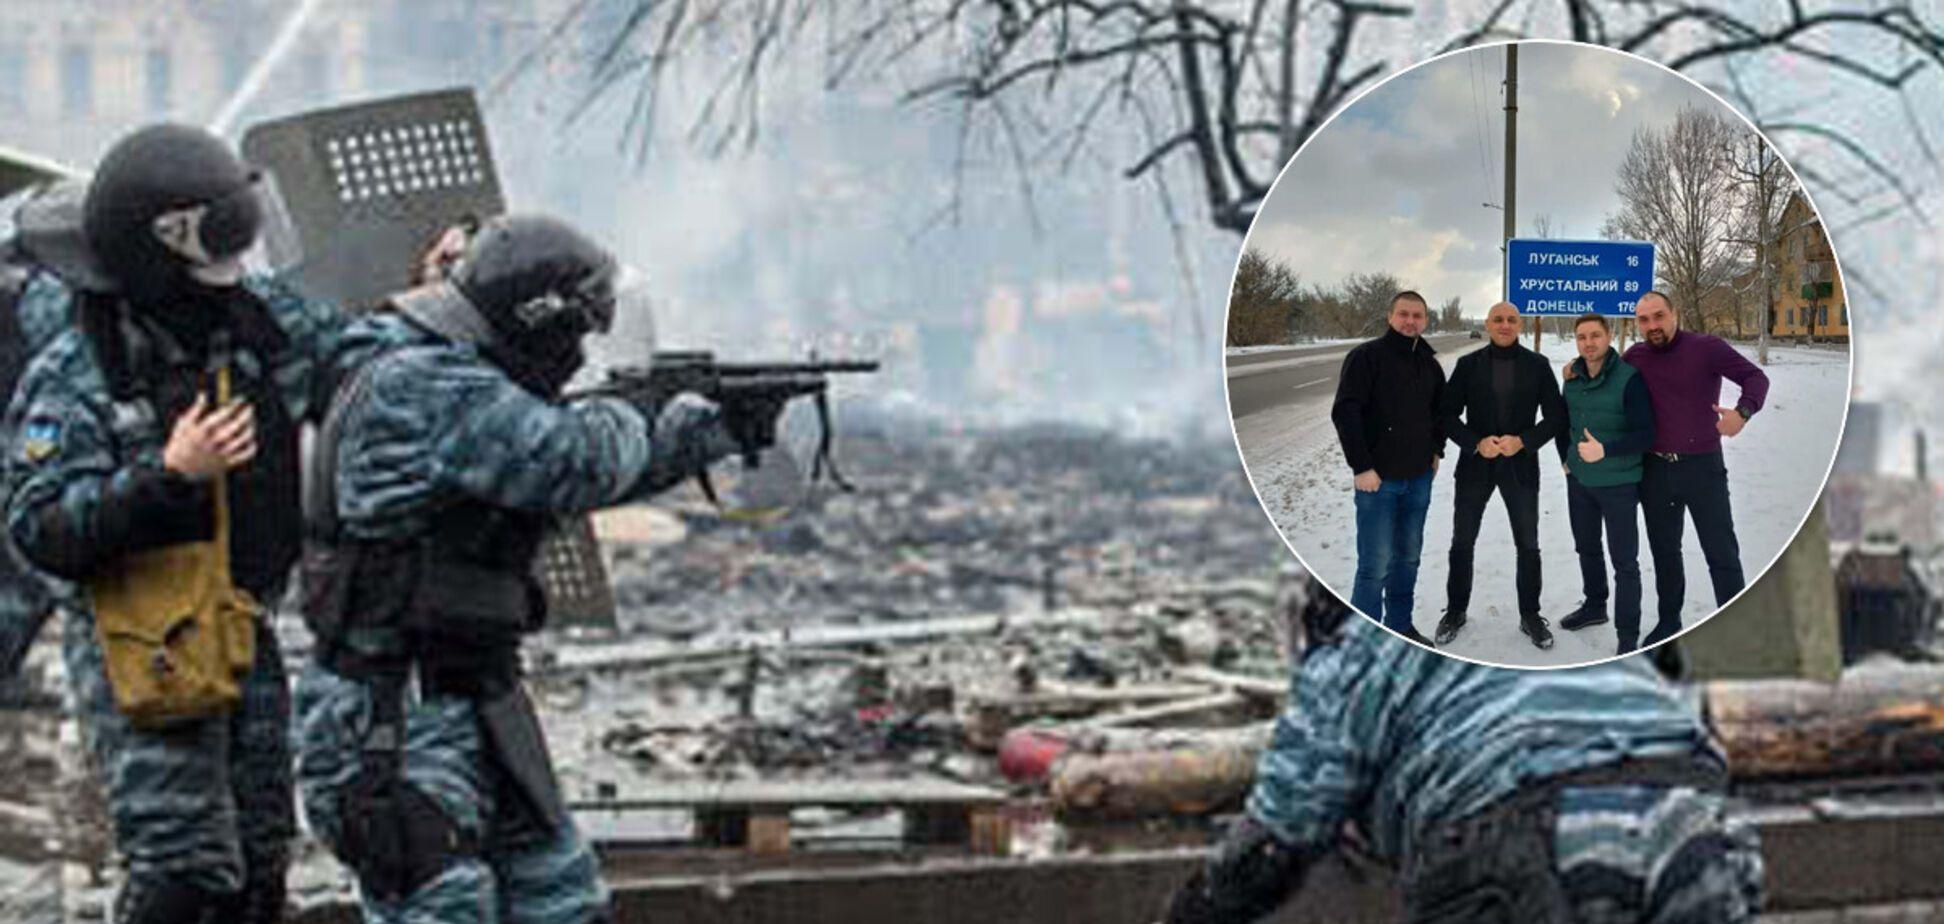 'Их обвиняют в расстрелах, а они гуляют по Киеву': почему вернулись беркутовцы и что будет дальше